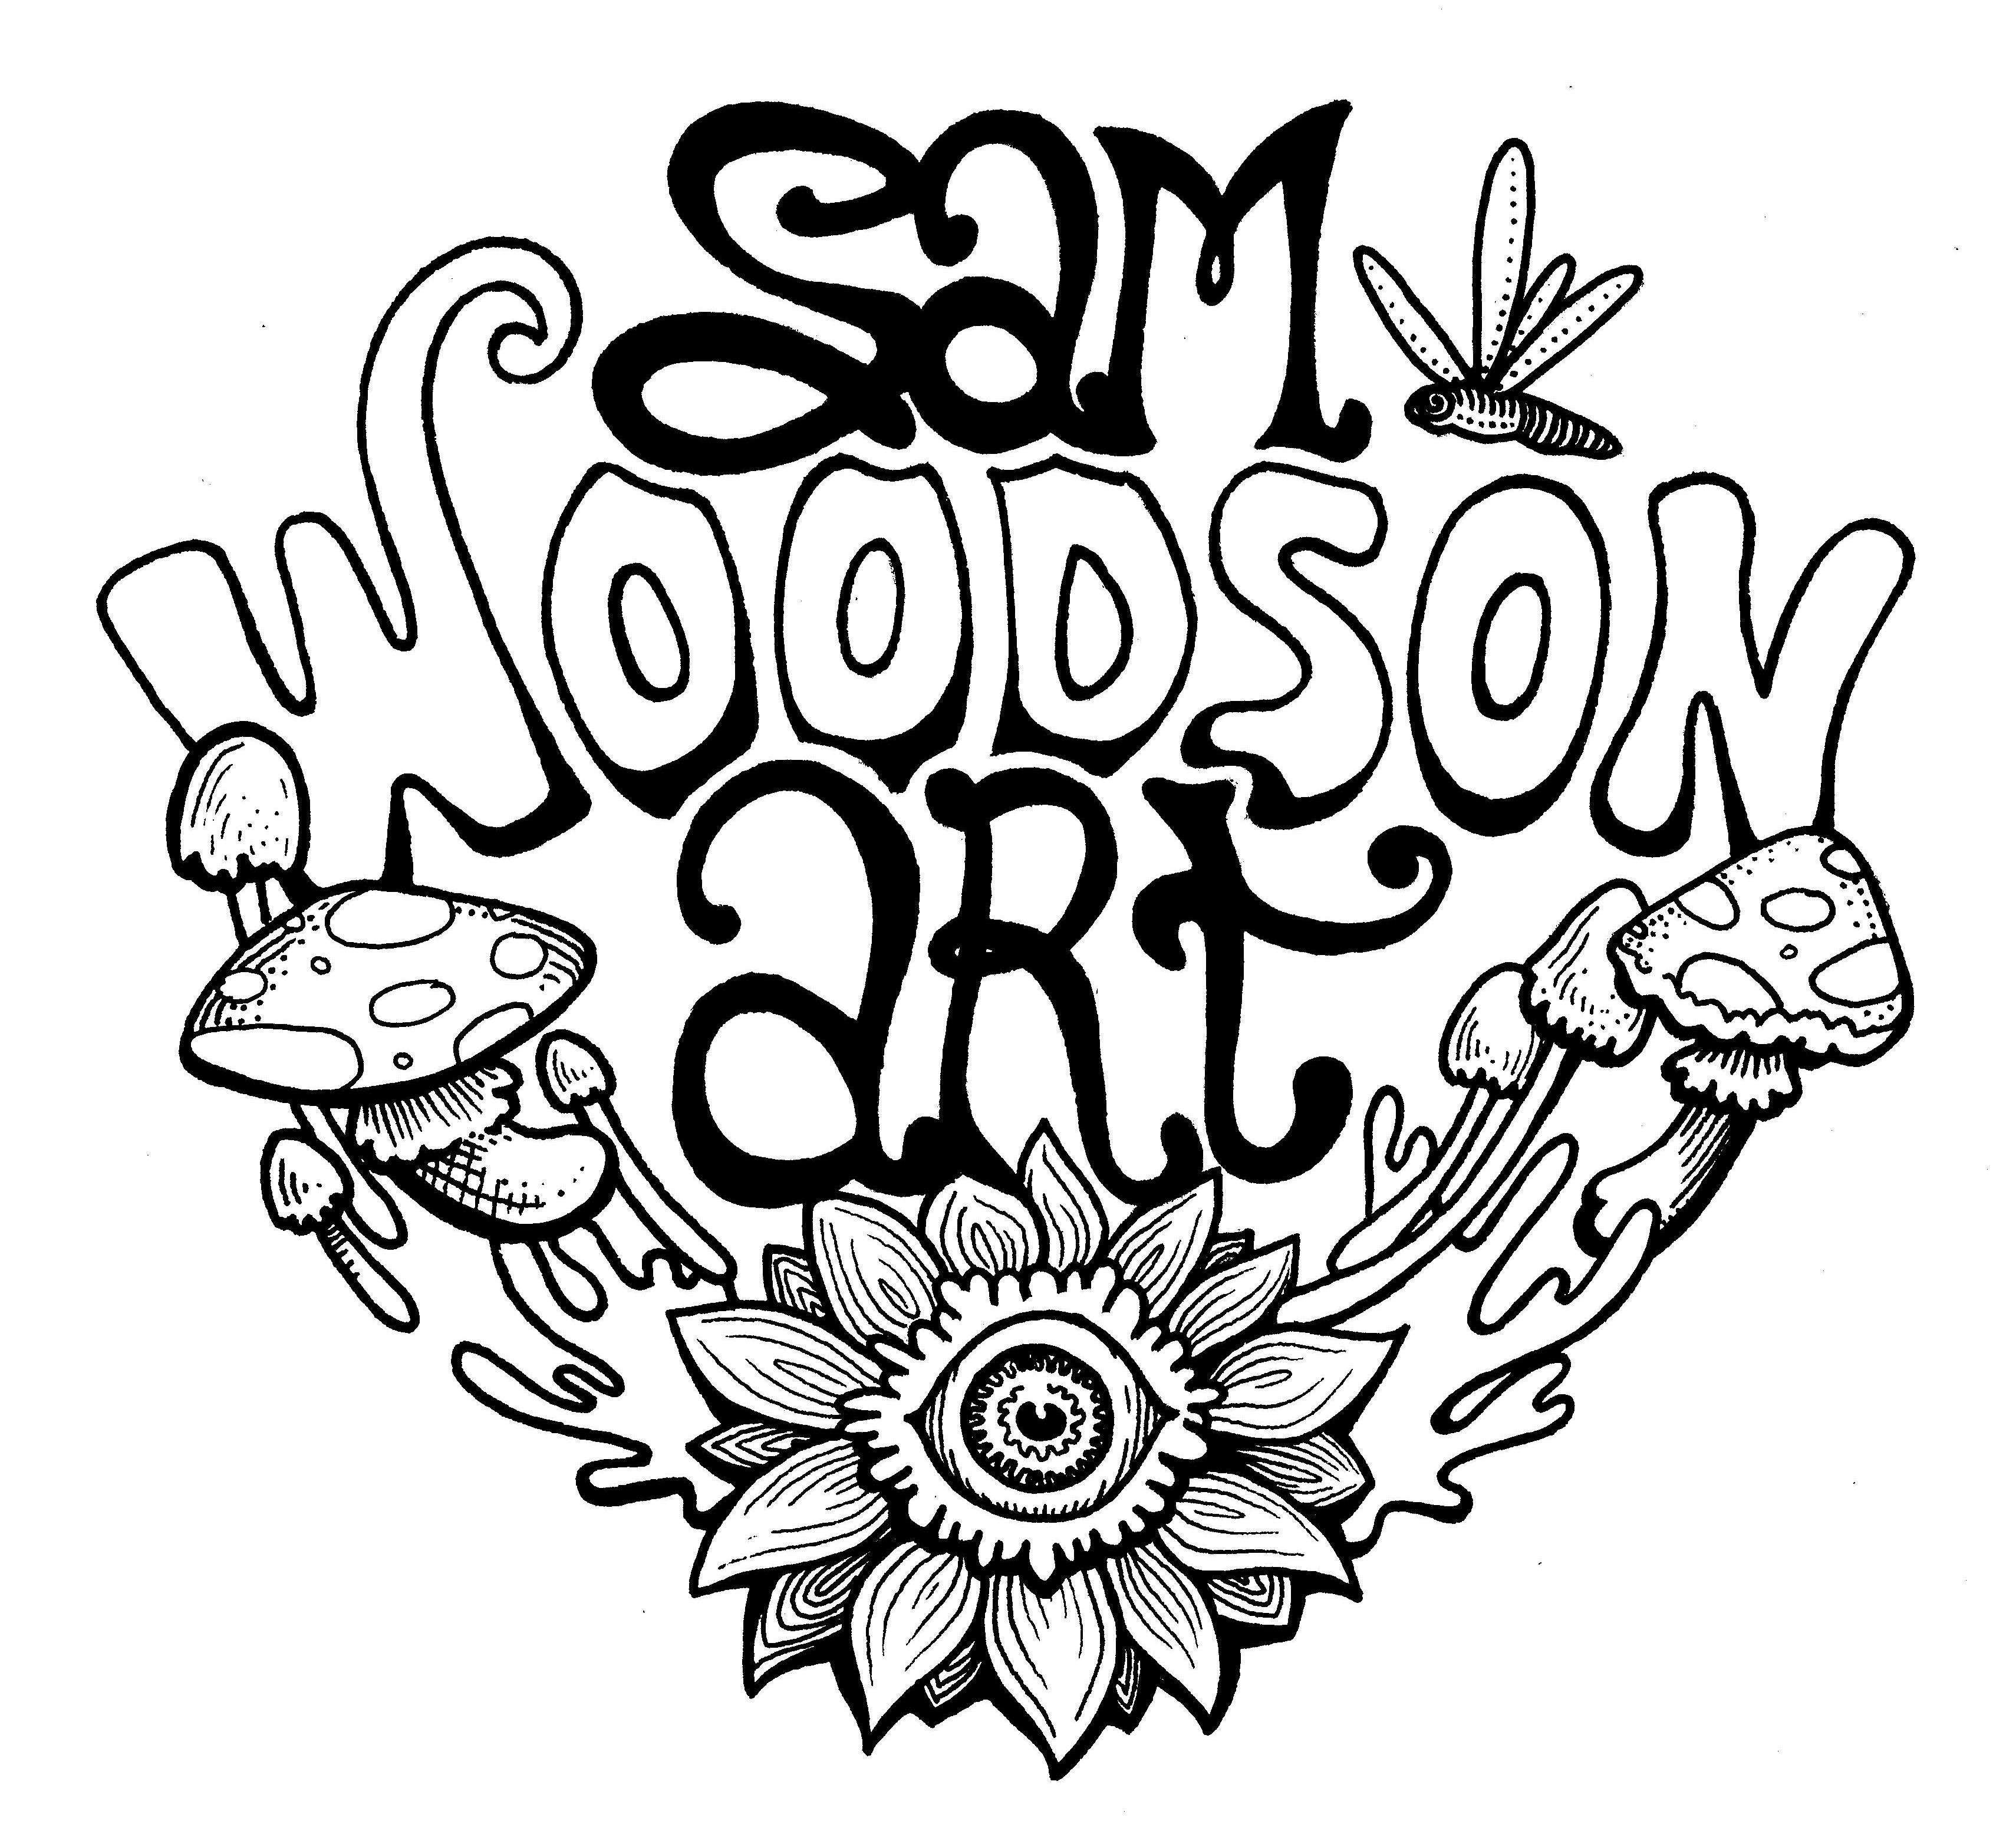 Sam Woodson